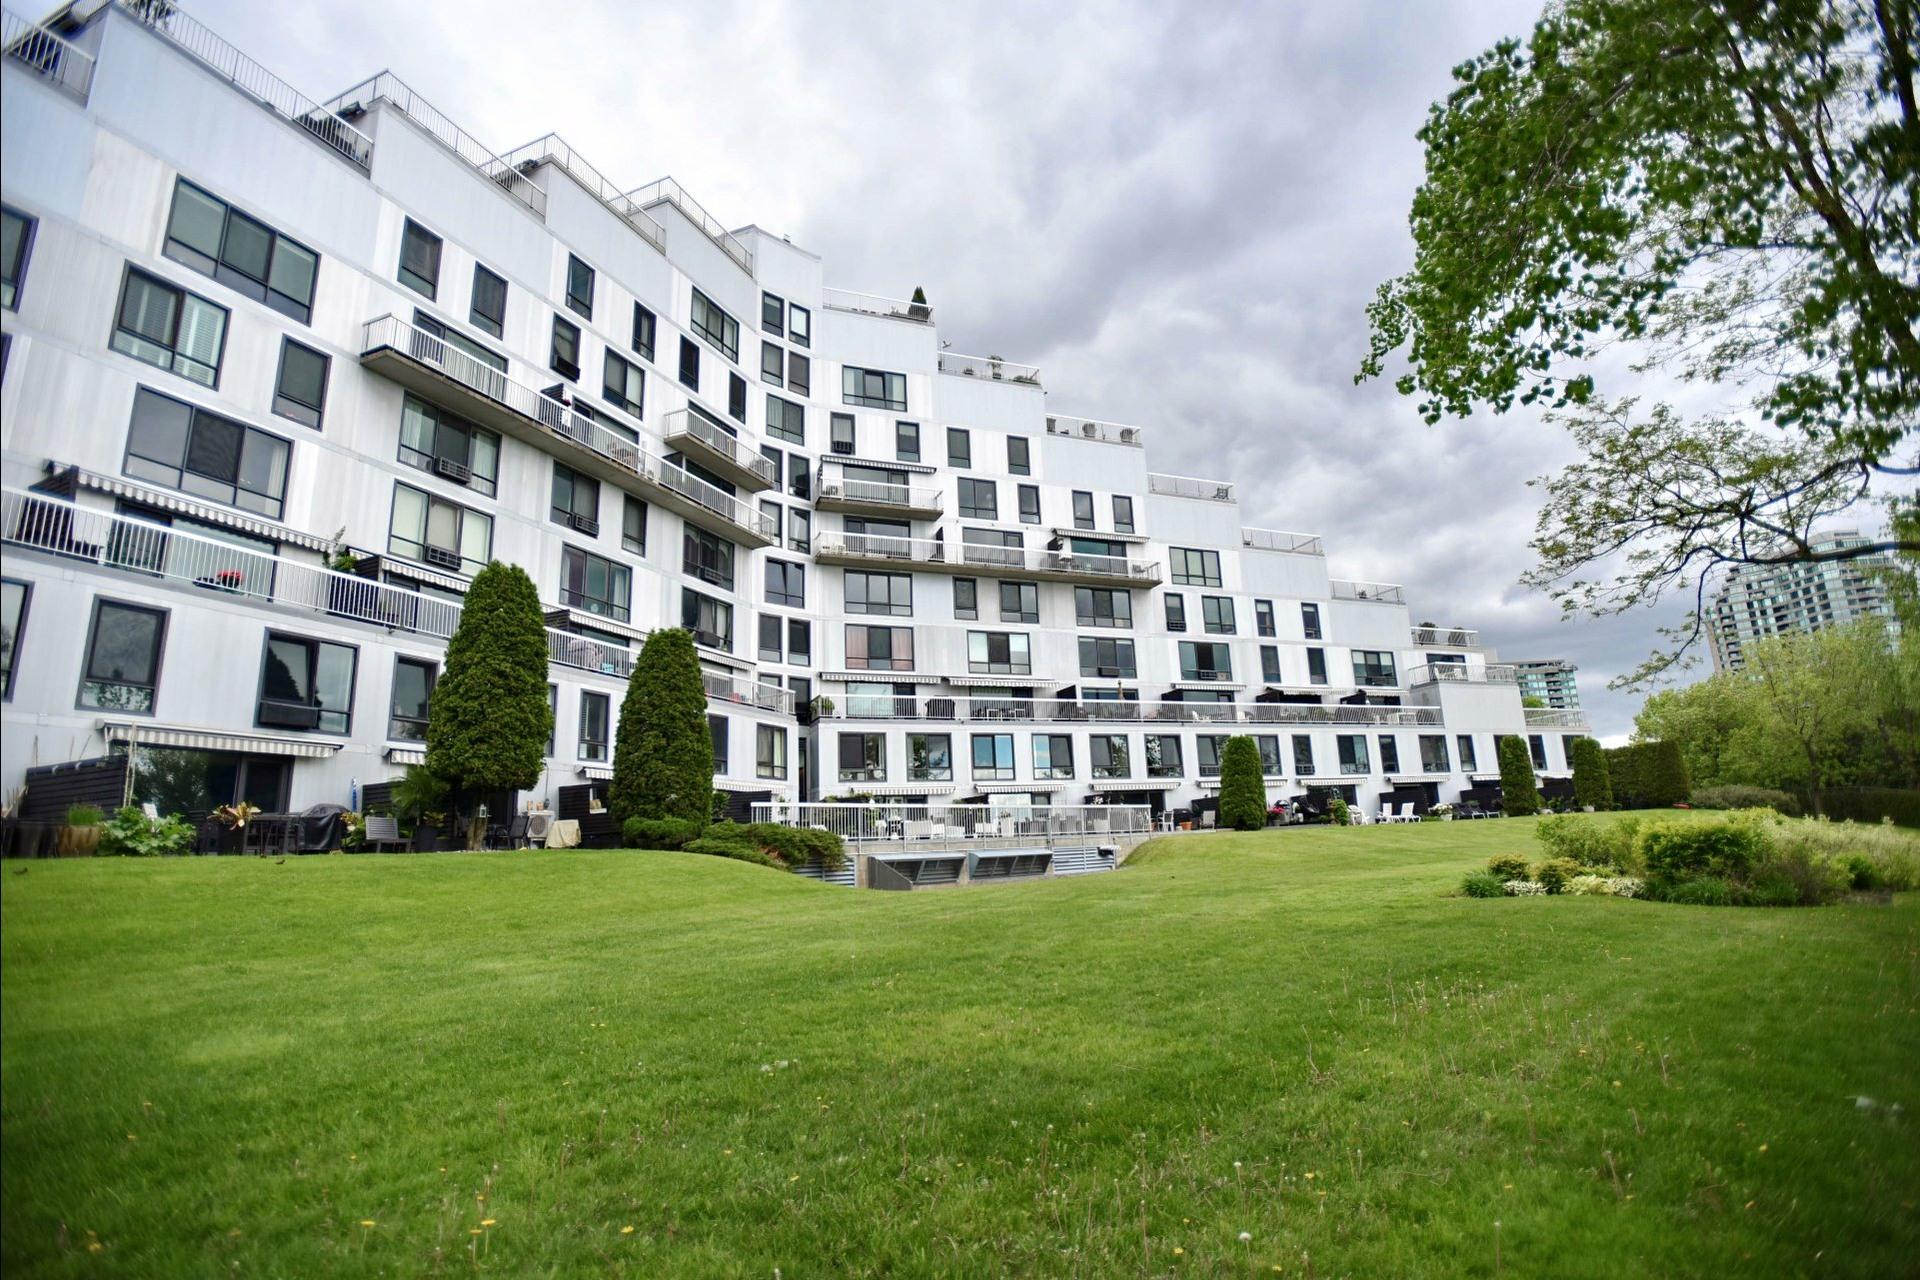 image 29 - Appartement À vendre Montréal Verdun/Île-des-Soeurs  - 8 pièces